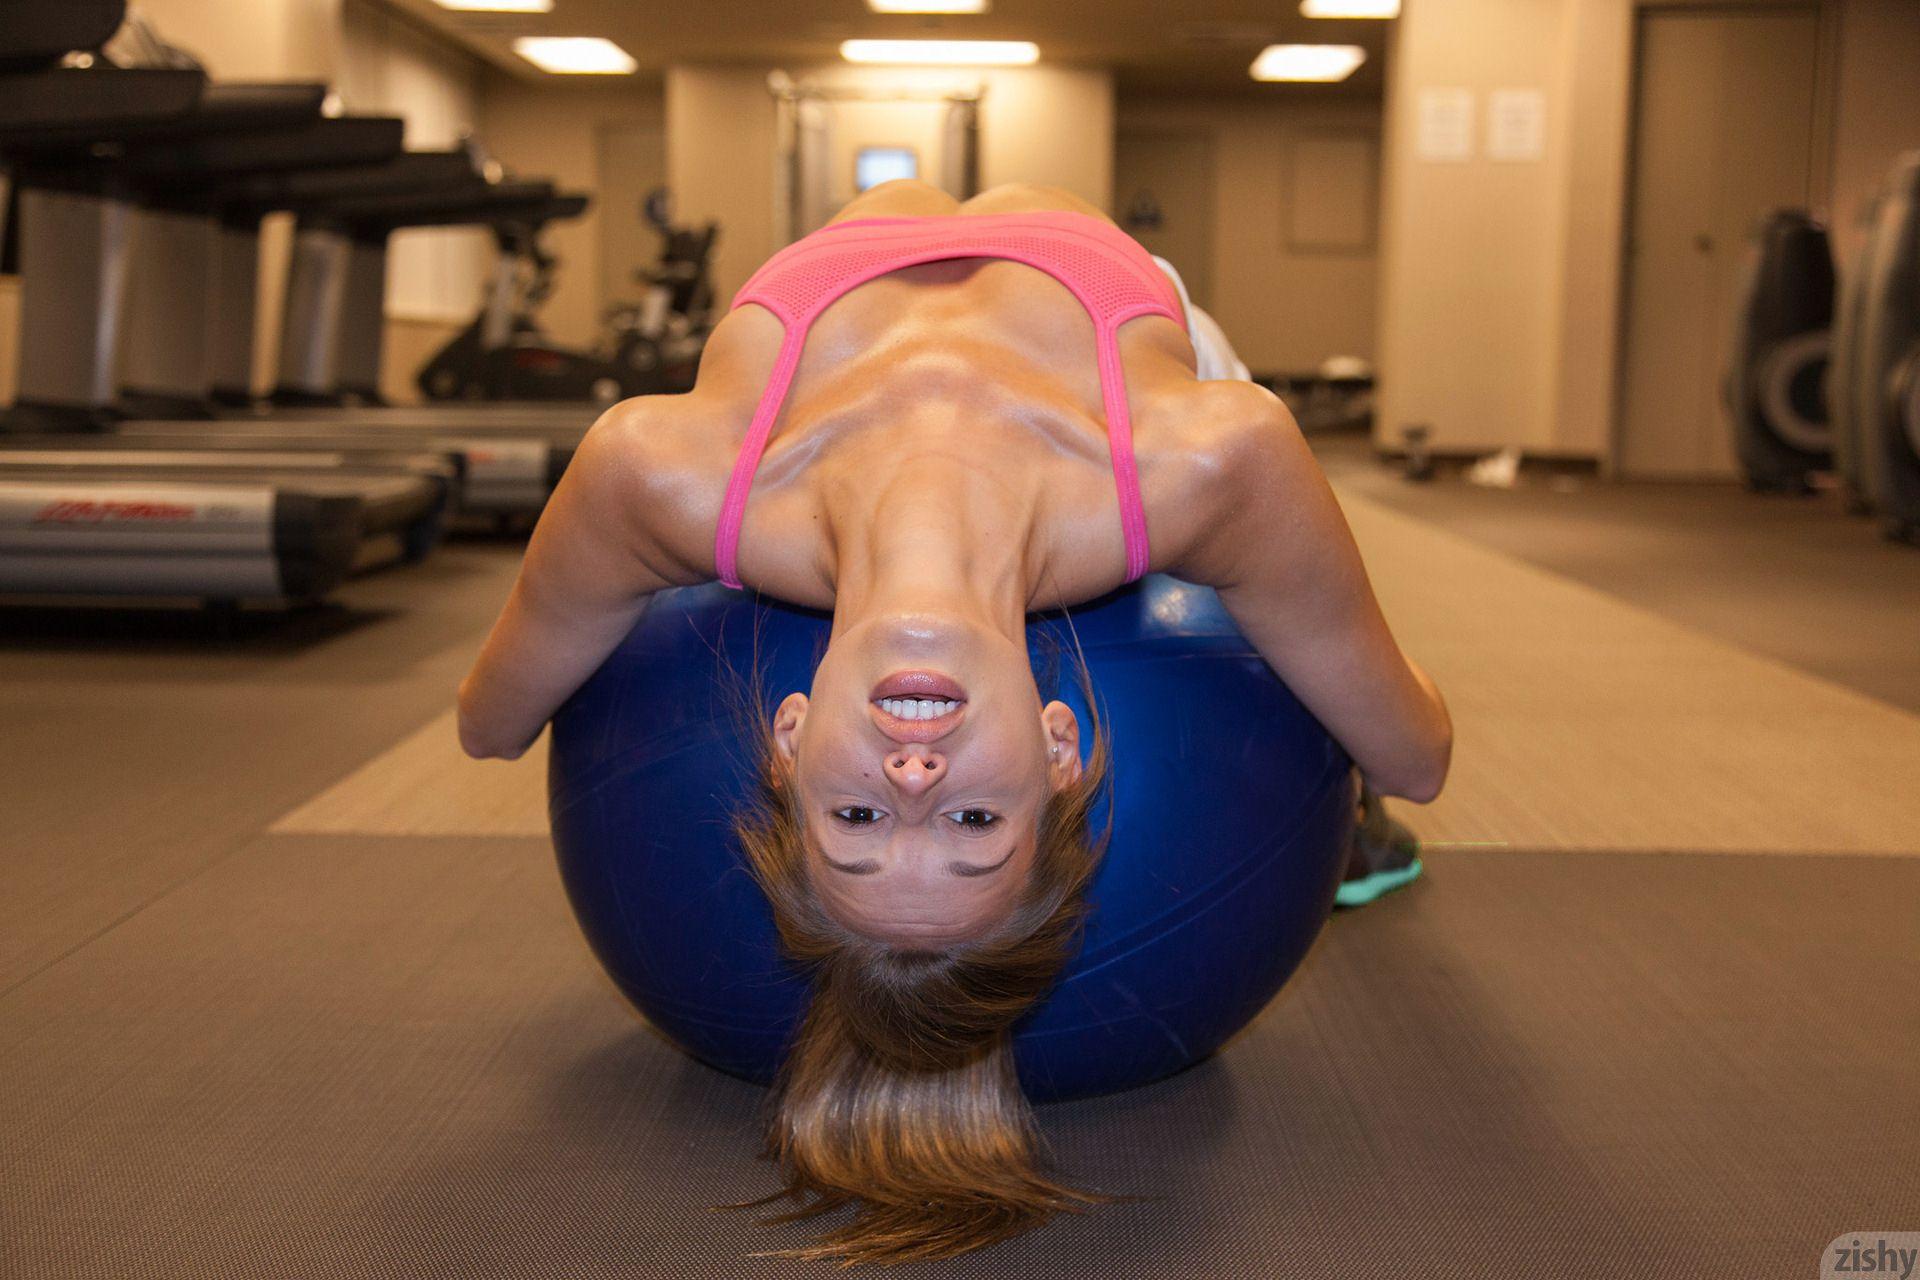 geri-burgess-gym-workout-zishy-19